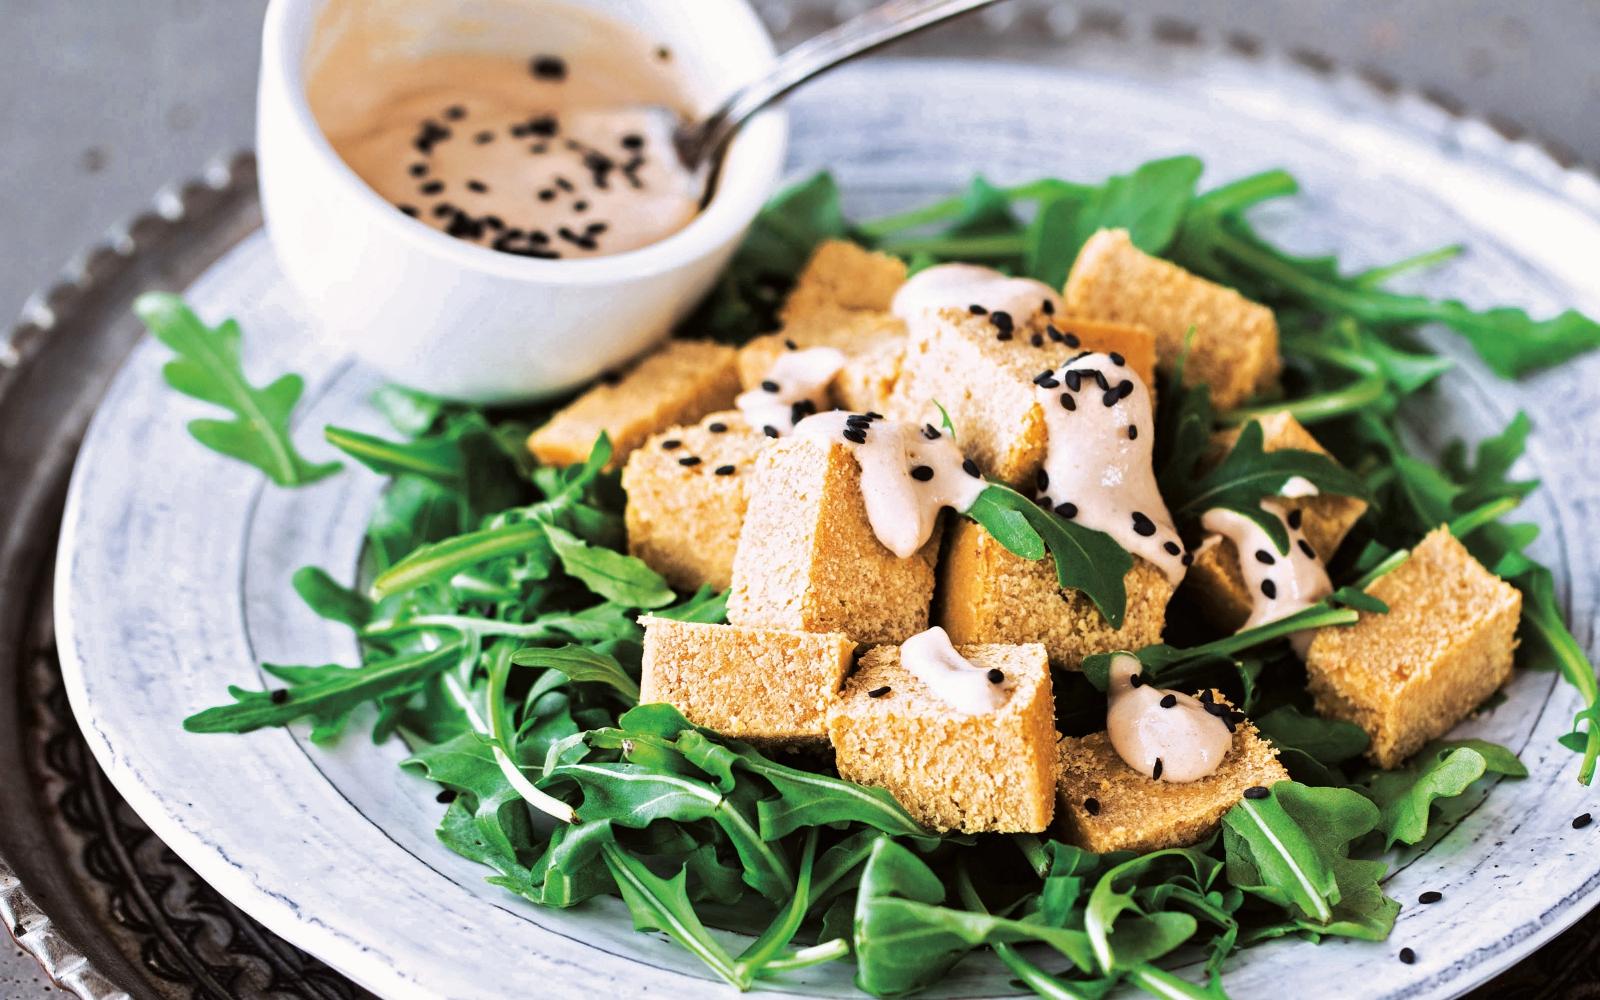 Vegan Chickpea Tofu With Tahini Sauce